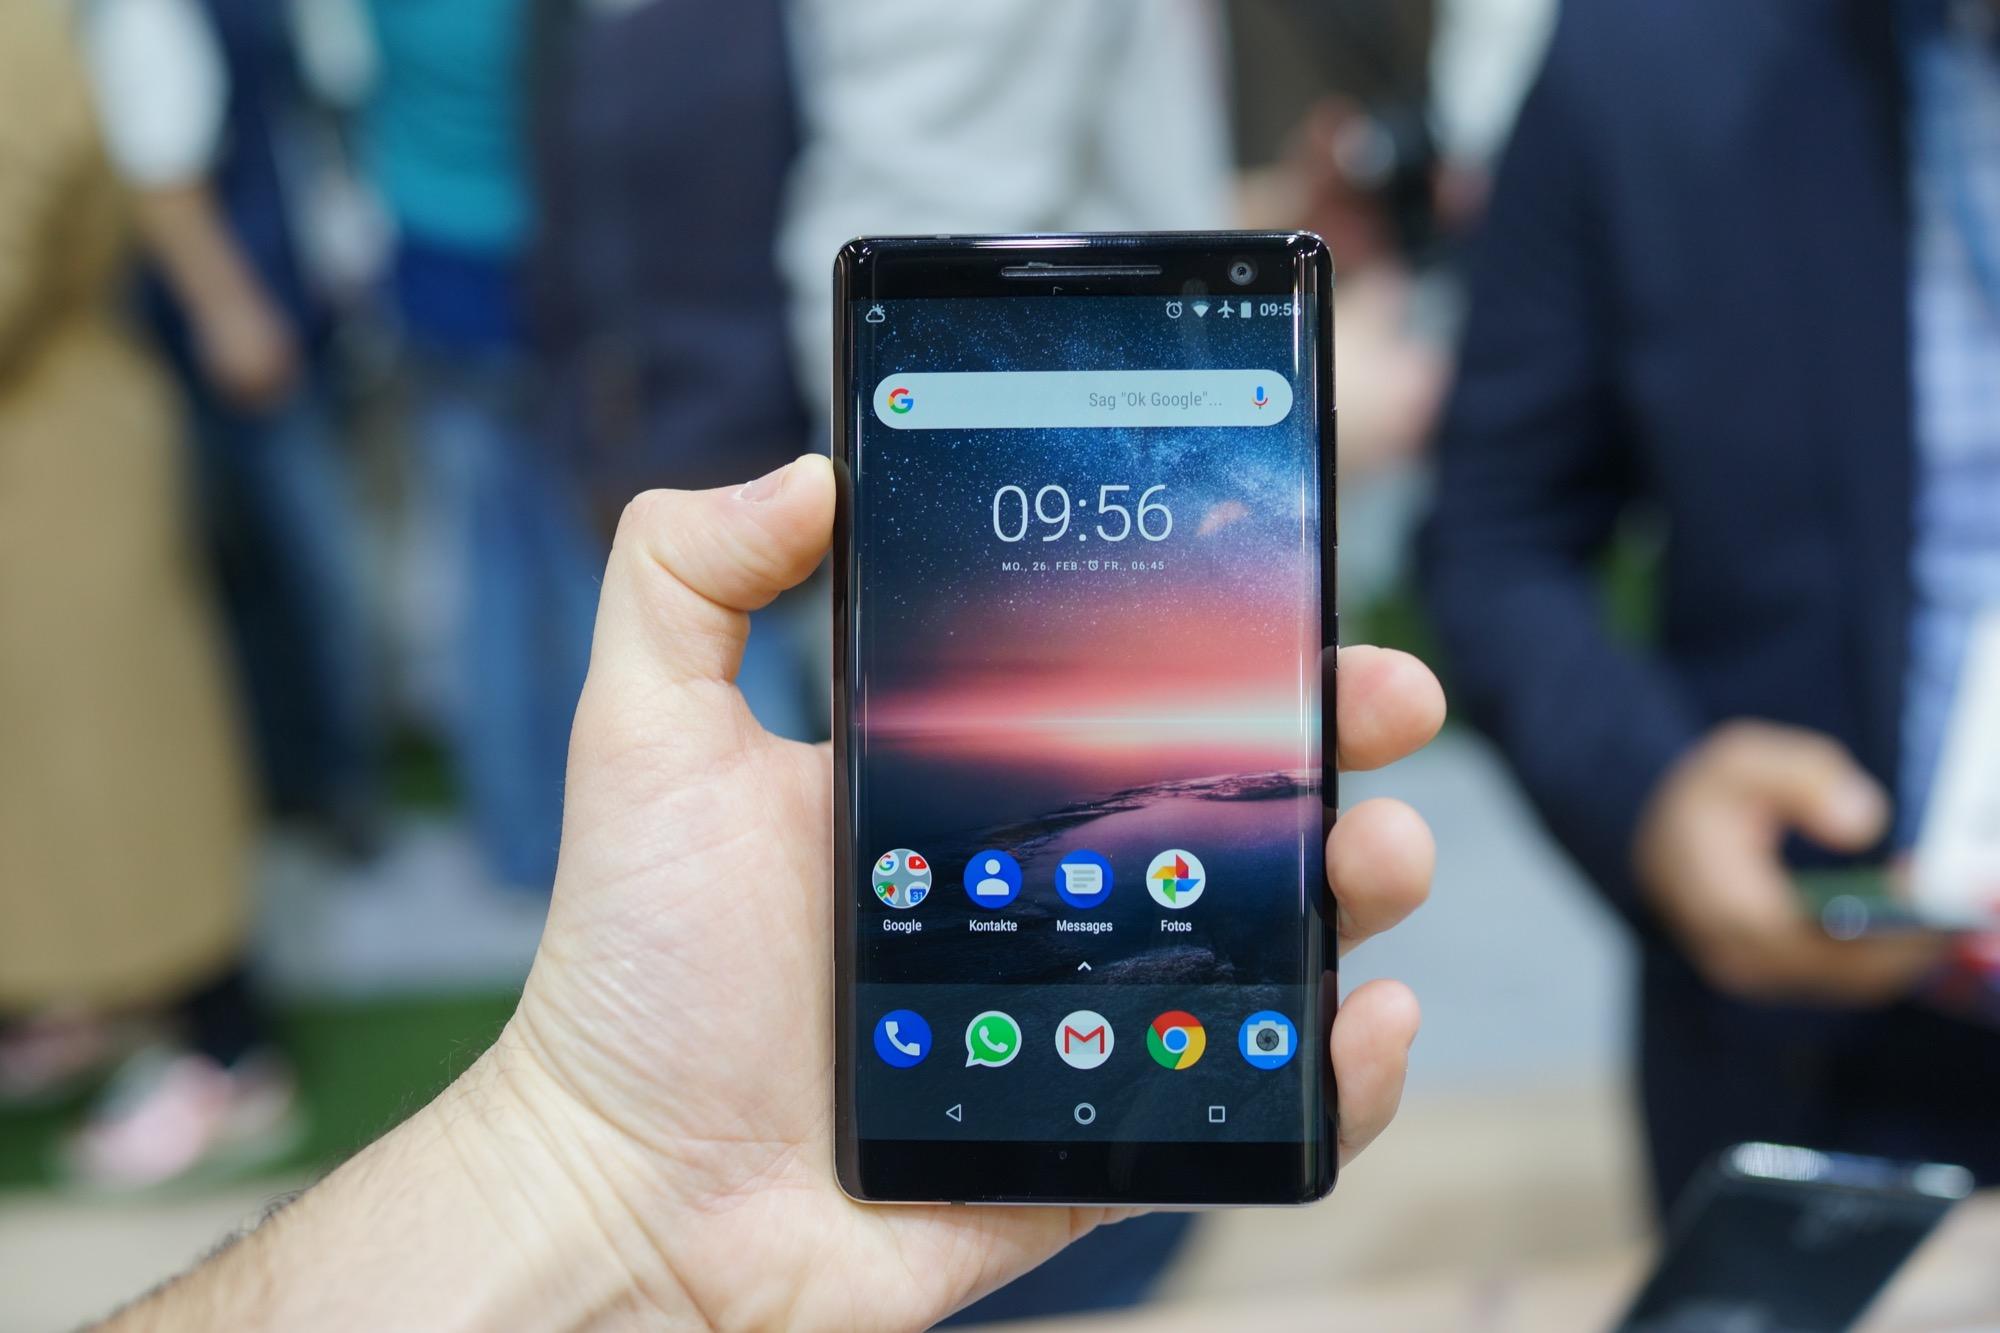 Le Nokia 8 Sirocco sera vendu en « édition spéciale» limitée